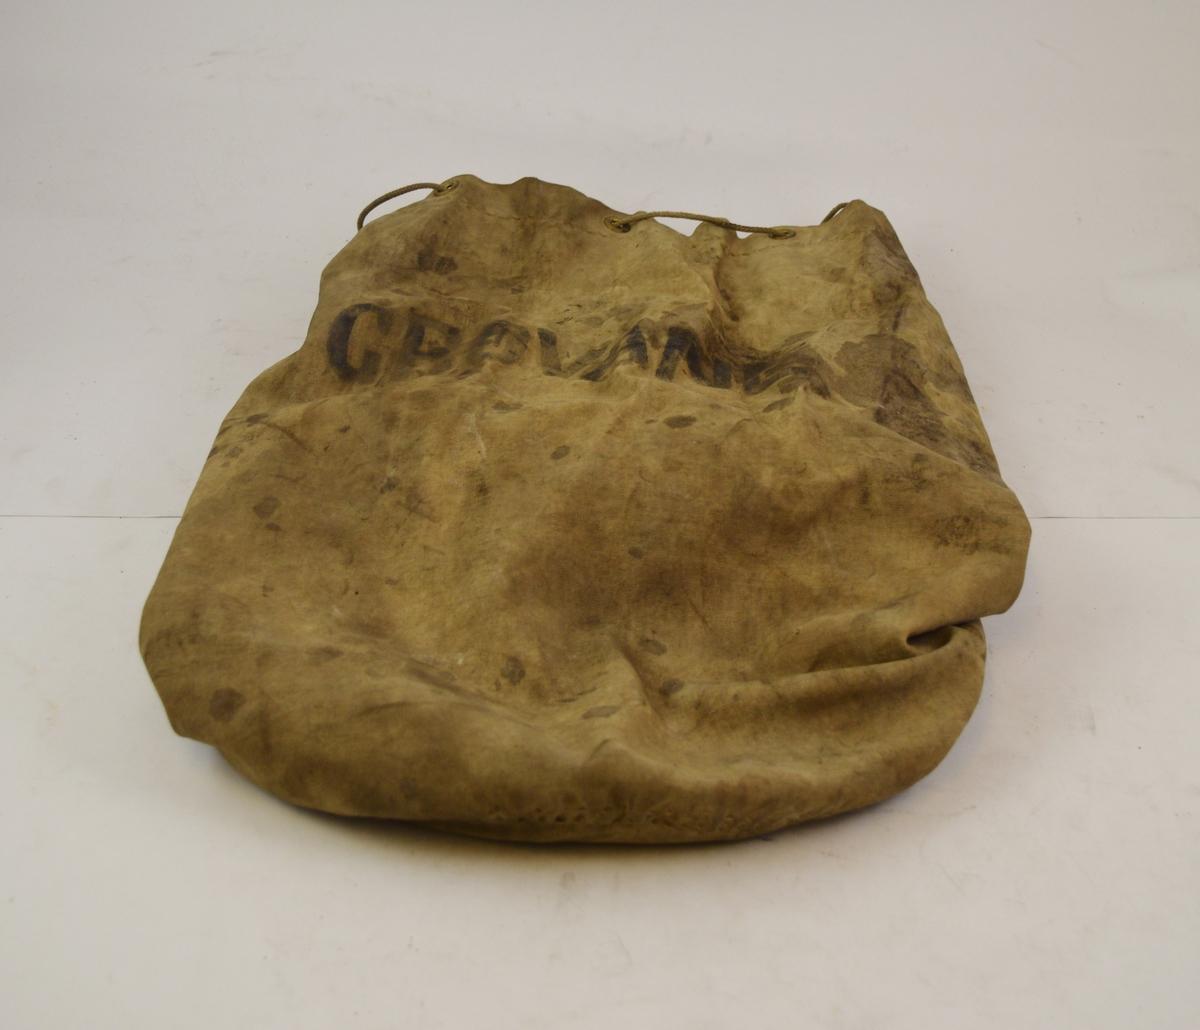 Sekk brukt på Grovane stasjon. Muligens benyttet til å sende mindre gjenstander i fra Grovane til Kristiansand, for eksempel sengetøy/håndklær for togpersonalet.